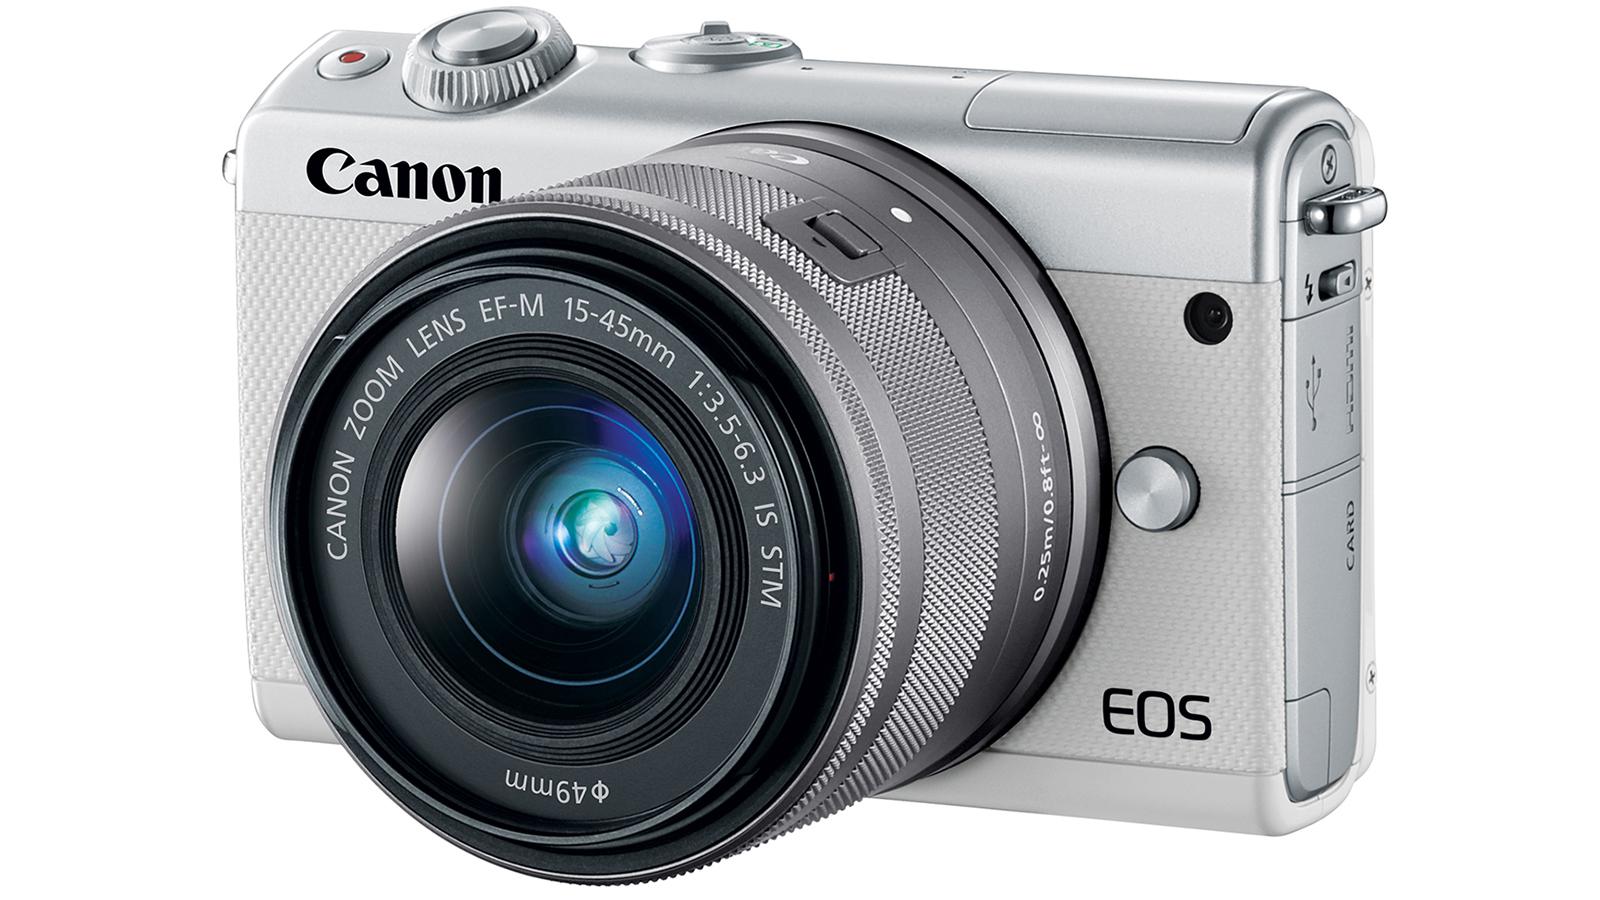 ce9eca5ba69 Samuti ei ole Canoni start kõige kiirem olnud – esimesed EOS M  hübriidkaamerad said pigem külma vastuvõtu osaliseks ning esimene tõsine  kaamera ...